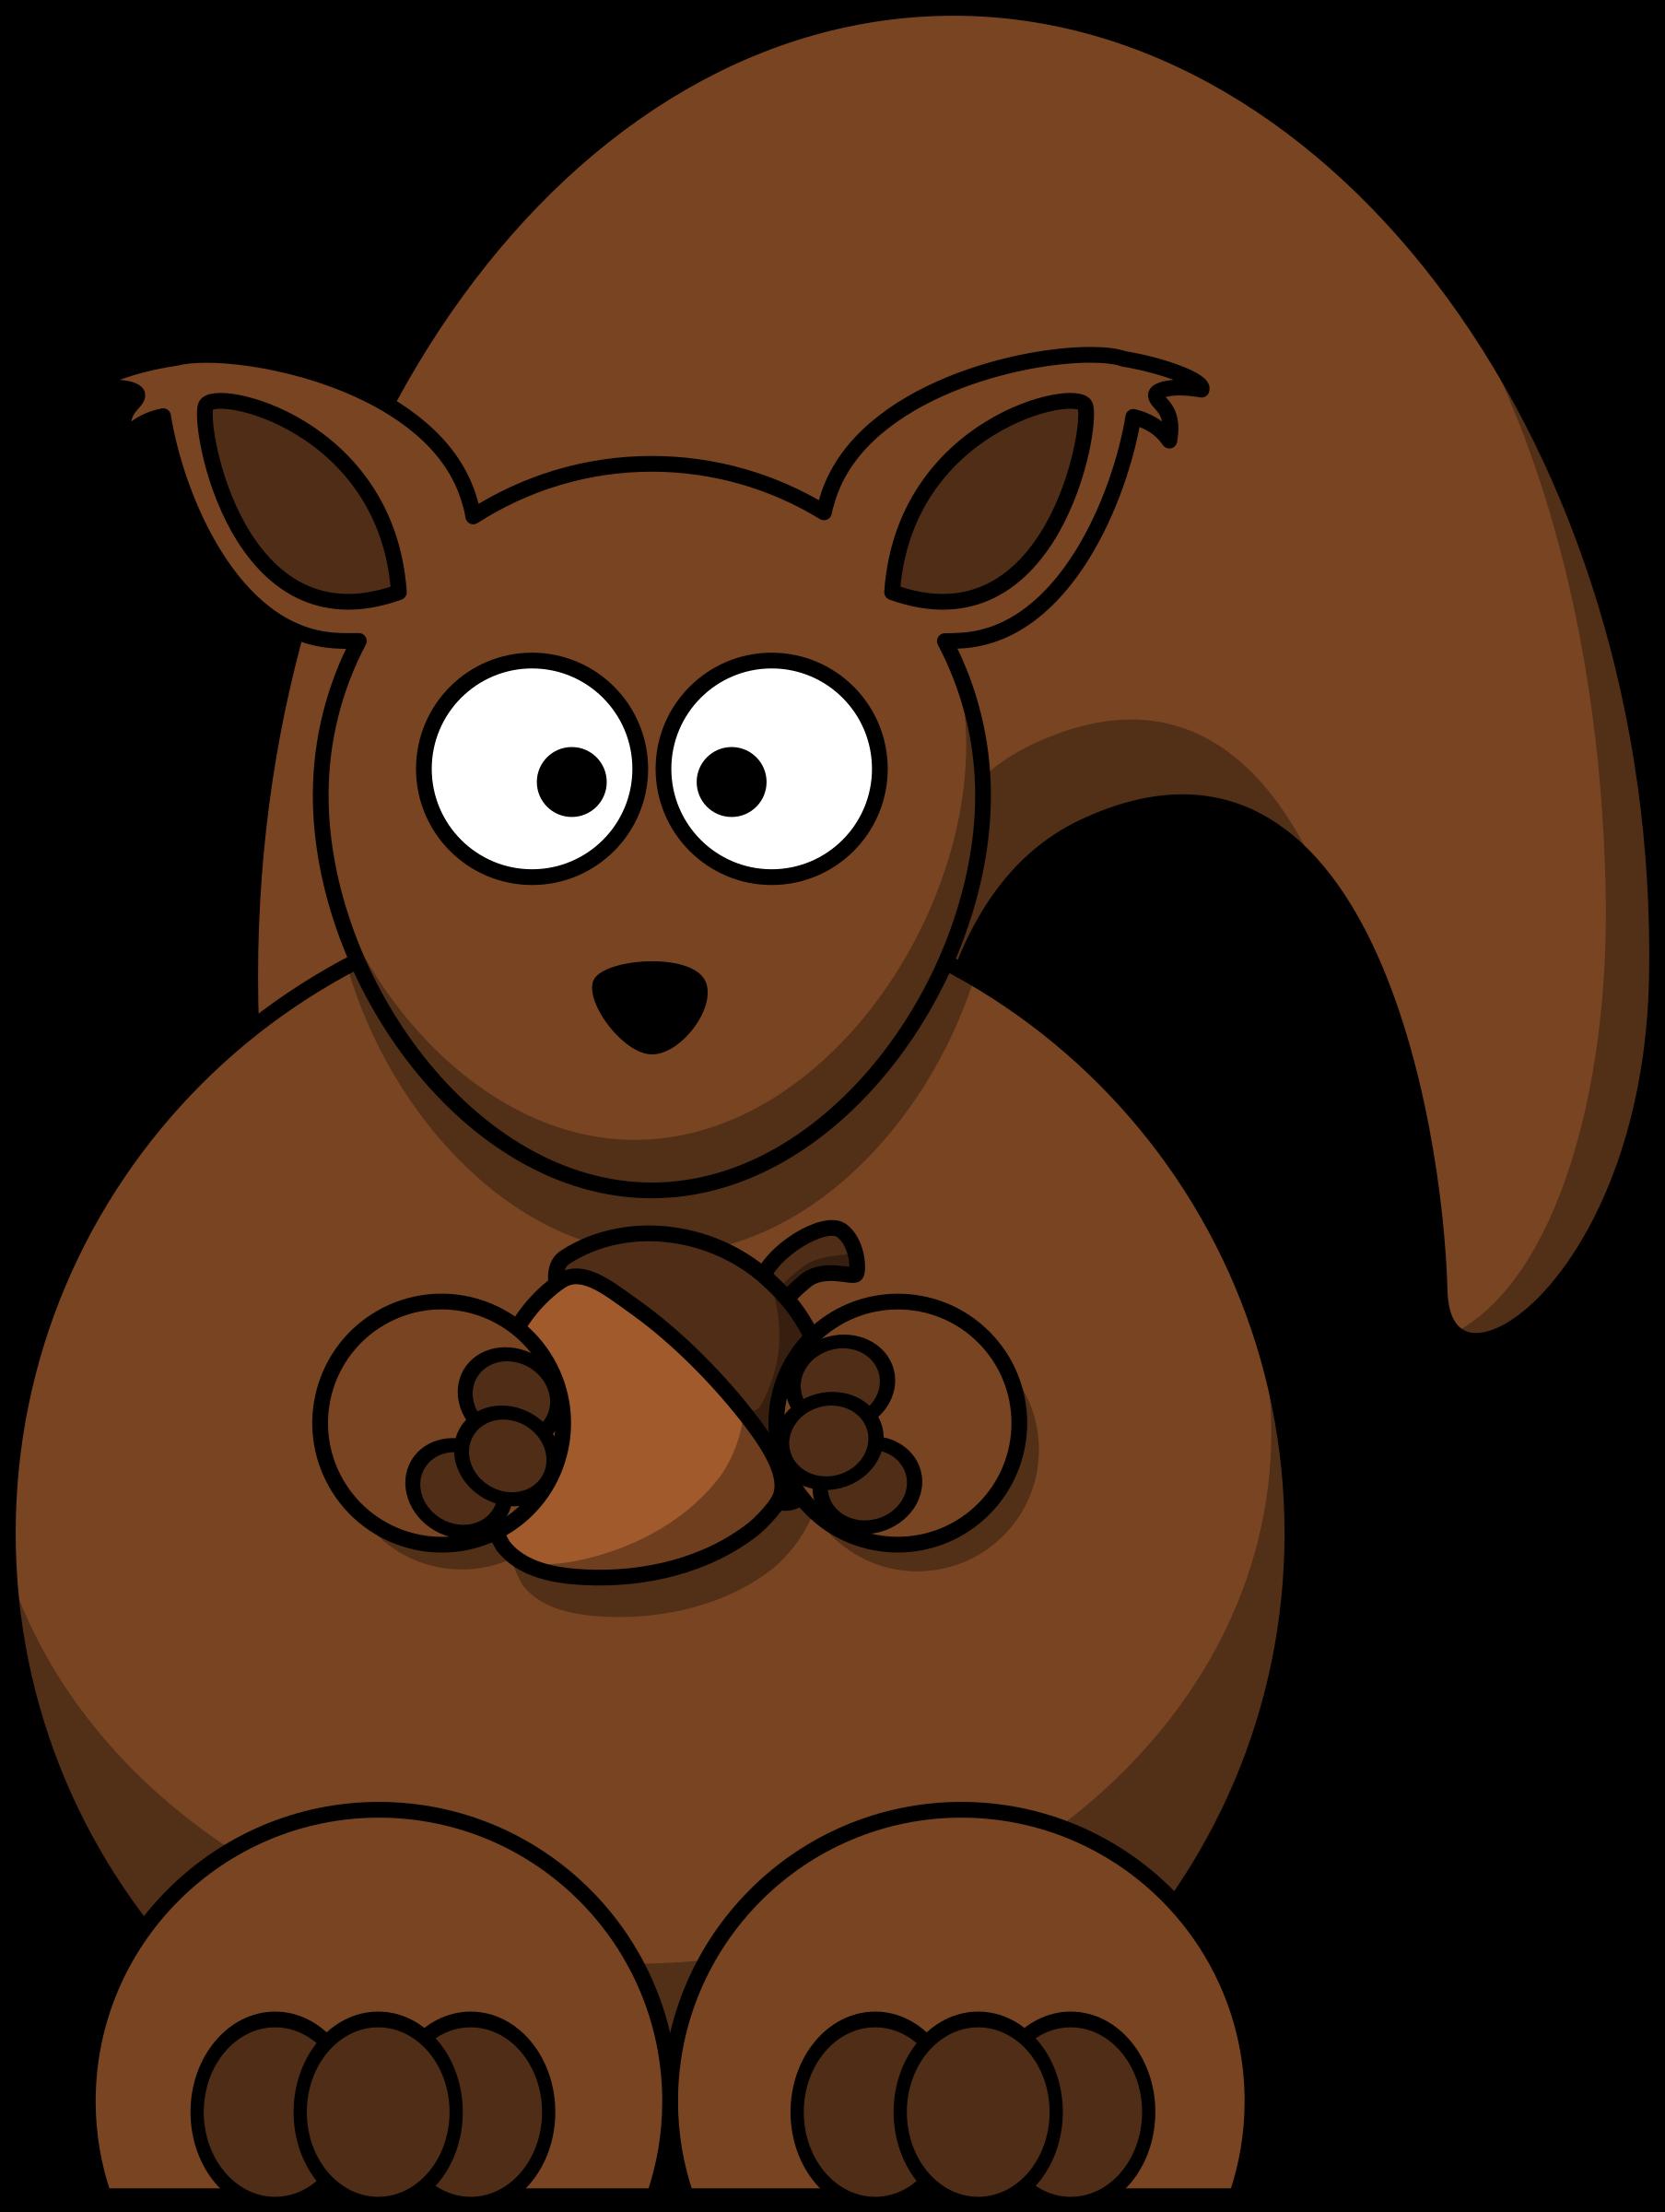 Cartoon big image png. Clipart squirrel woodland